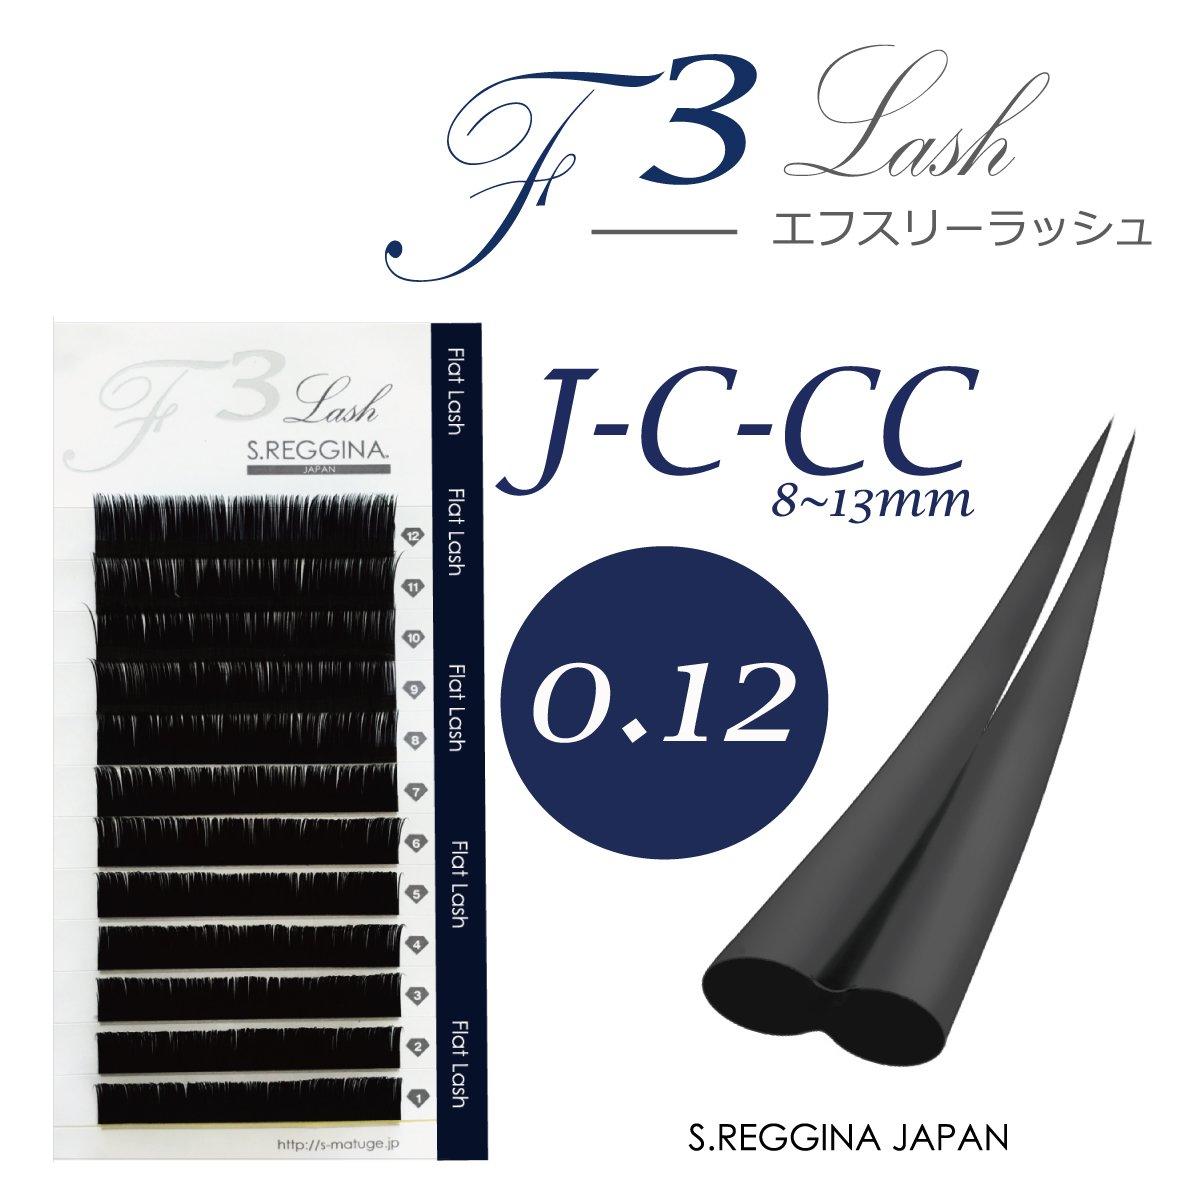 フラットラッシュ|特殊フラット形状 F...